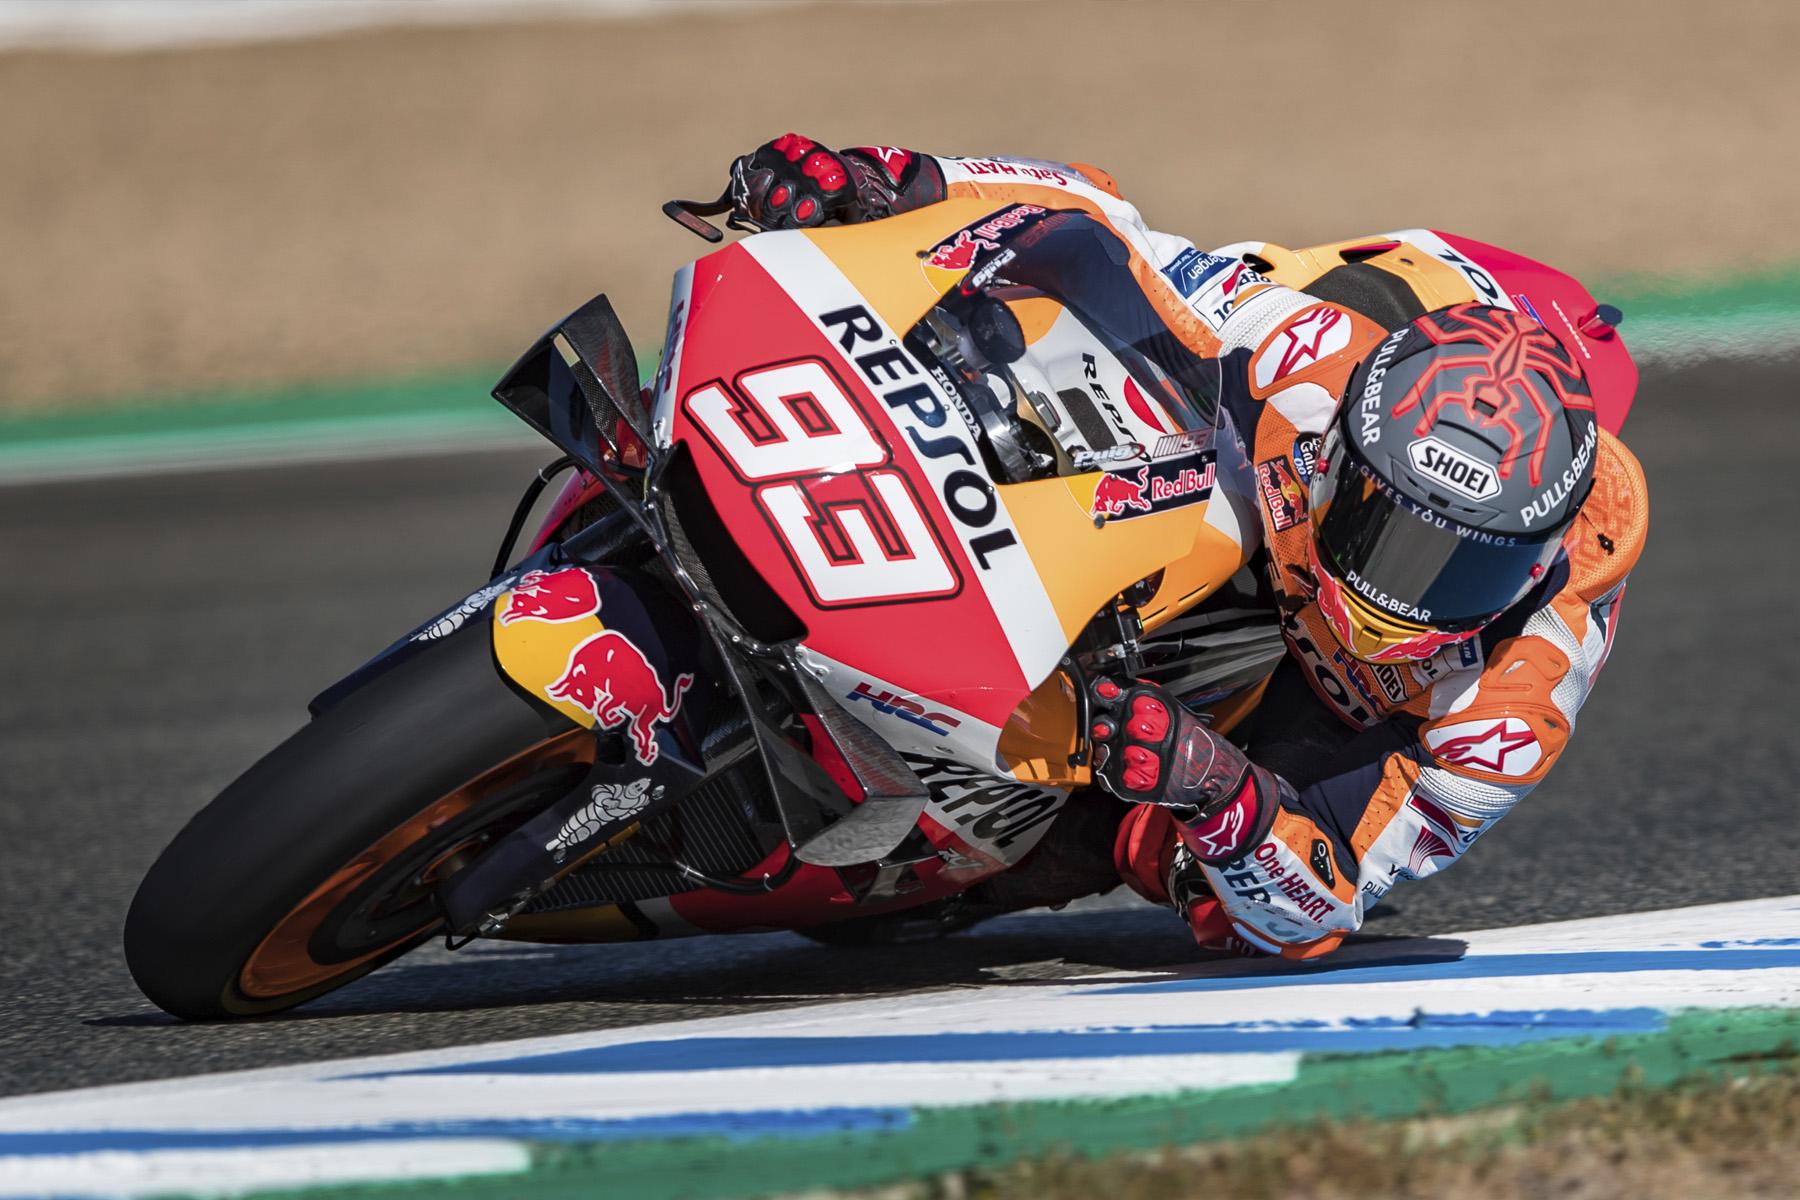 www.motorbikemag.es